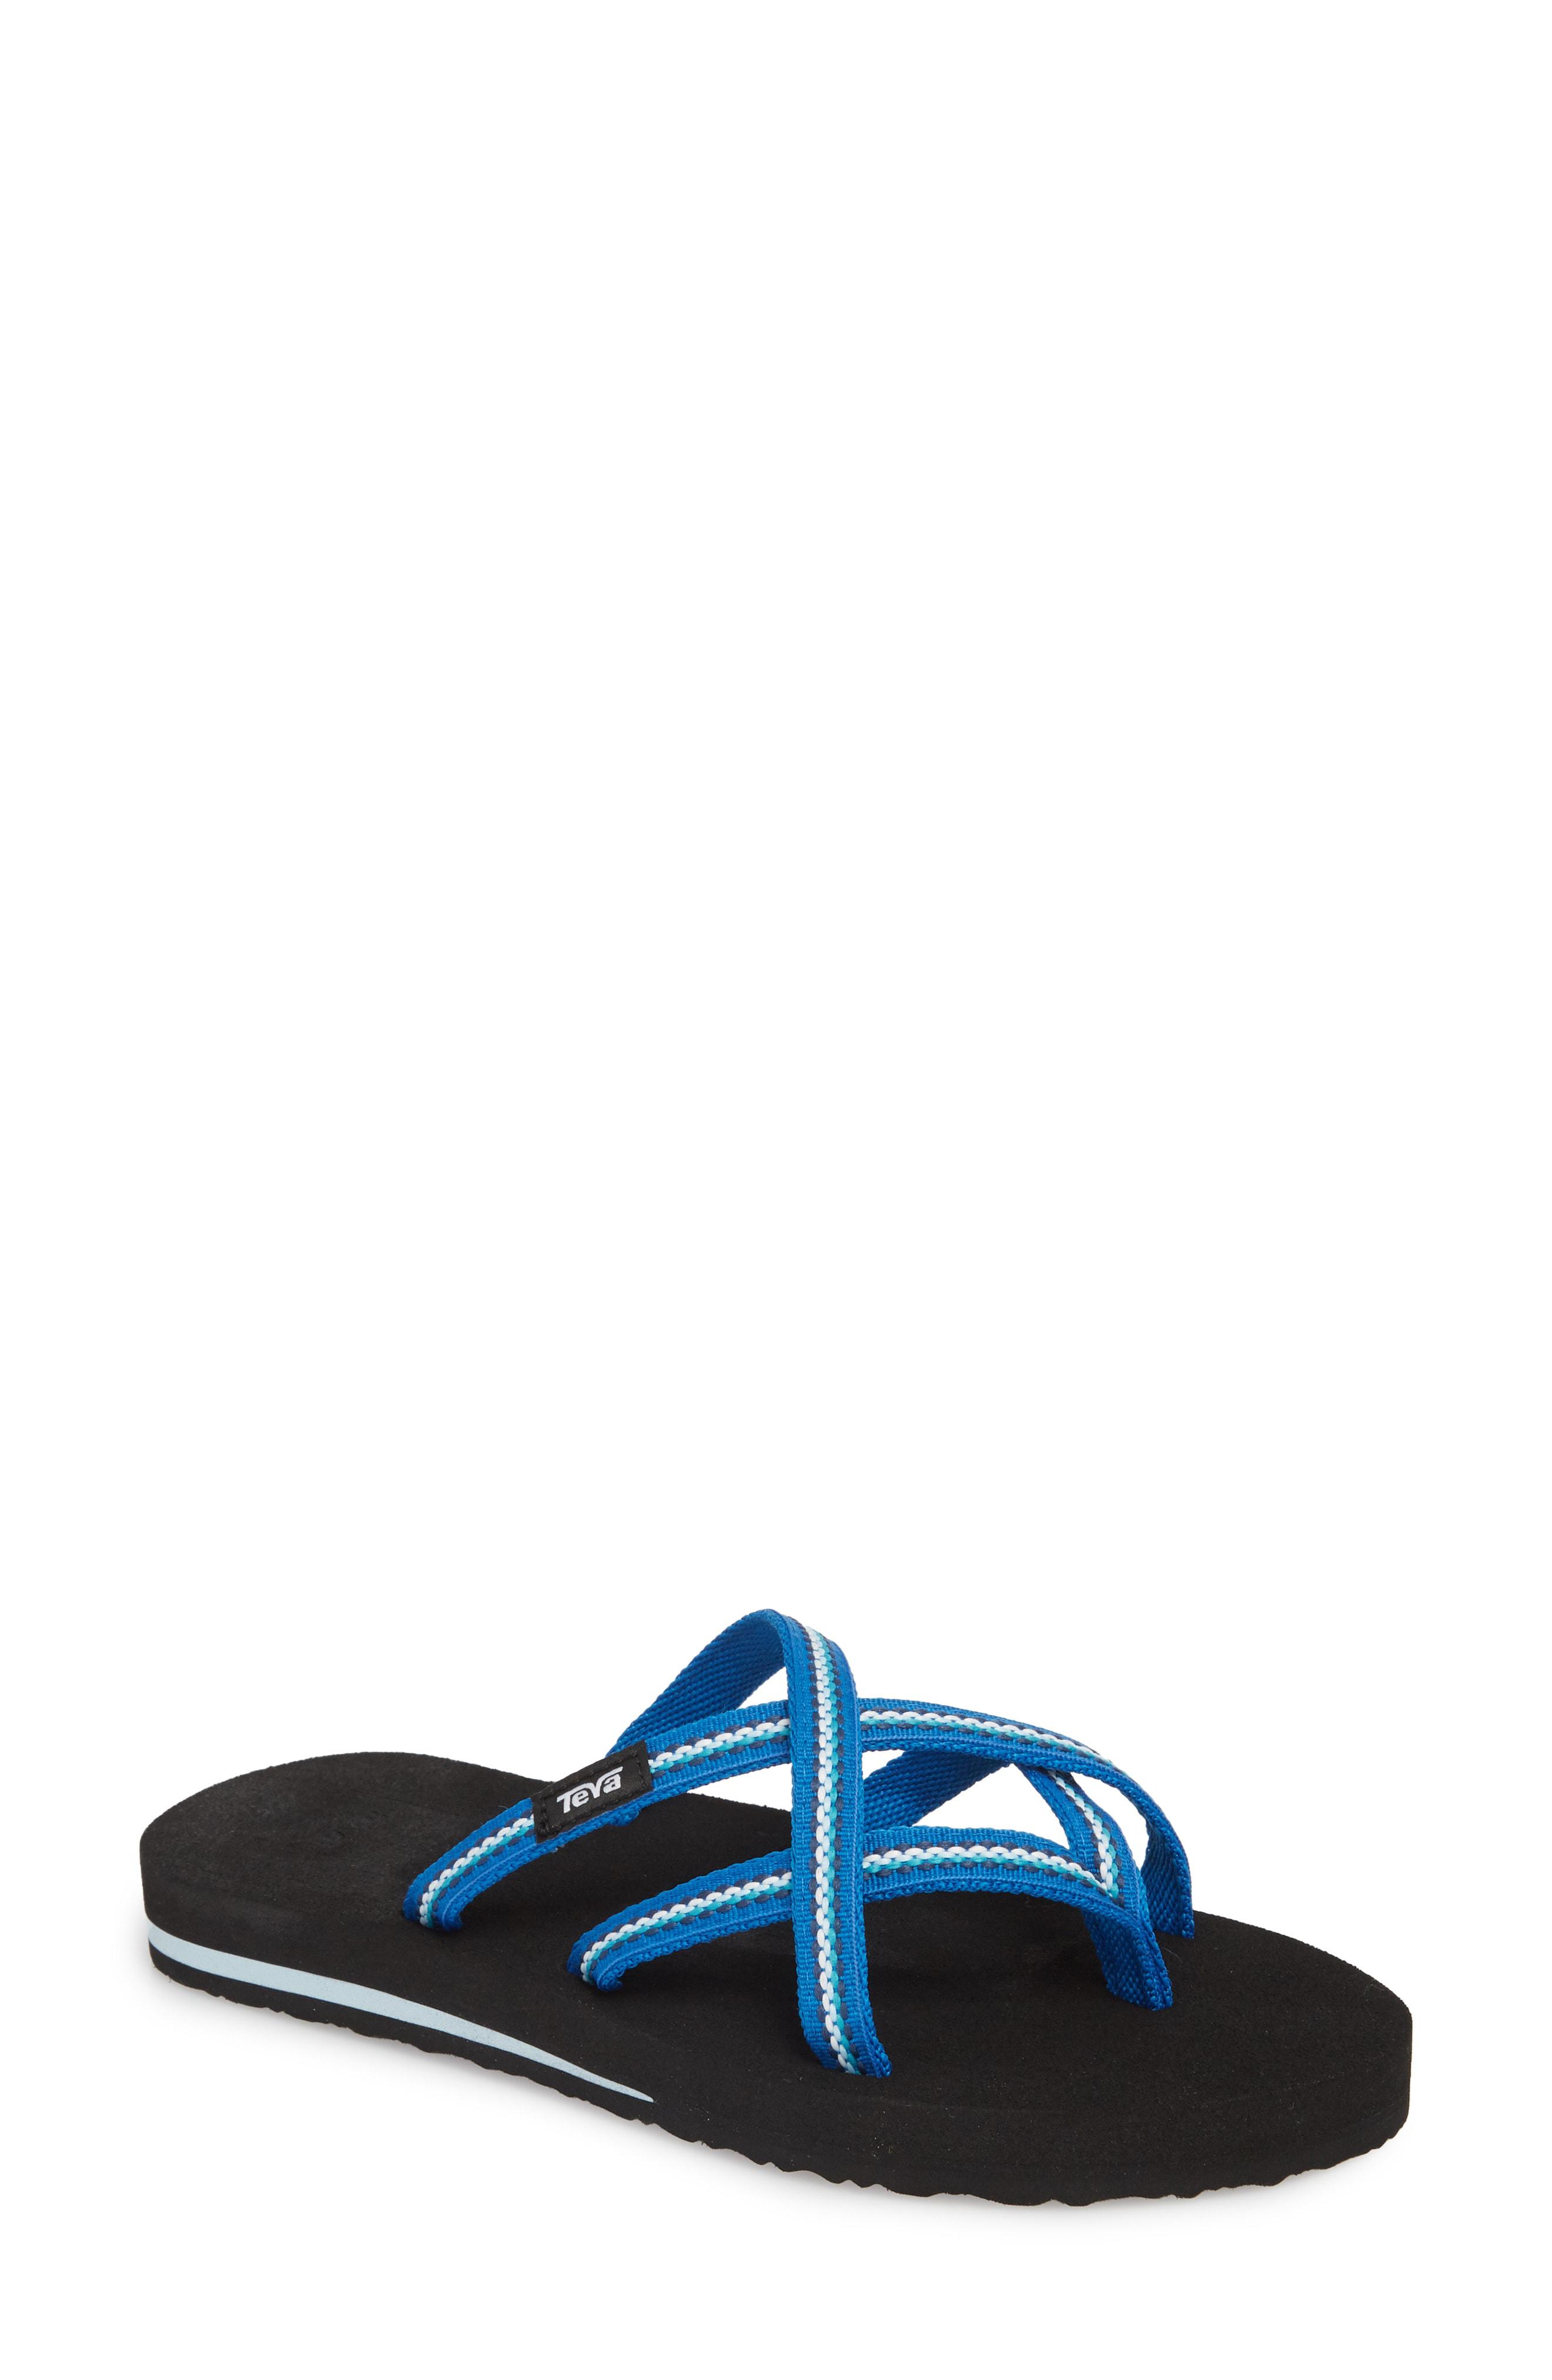 7ecc3ea92 Teva  Olowahu  Sandal In Sari Ribbon Gray Mist Fabric